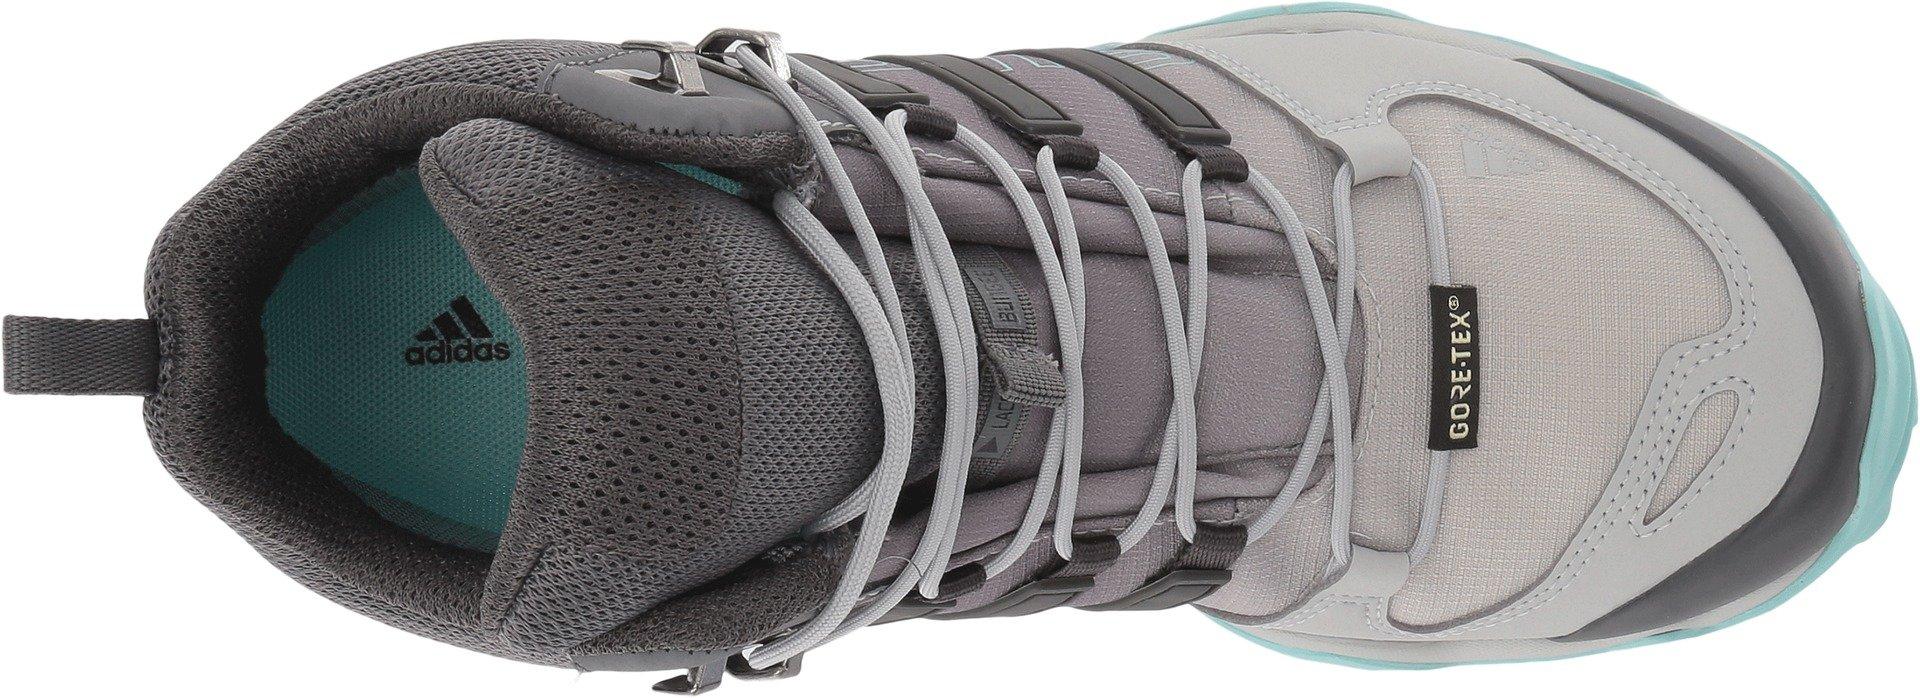 adidas Terrex Swift R Mid GTX Boot Women's Hiking 11 Grey-Utility Black-Clear Aqua by adidas (Image #2)